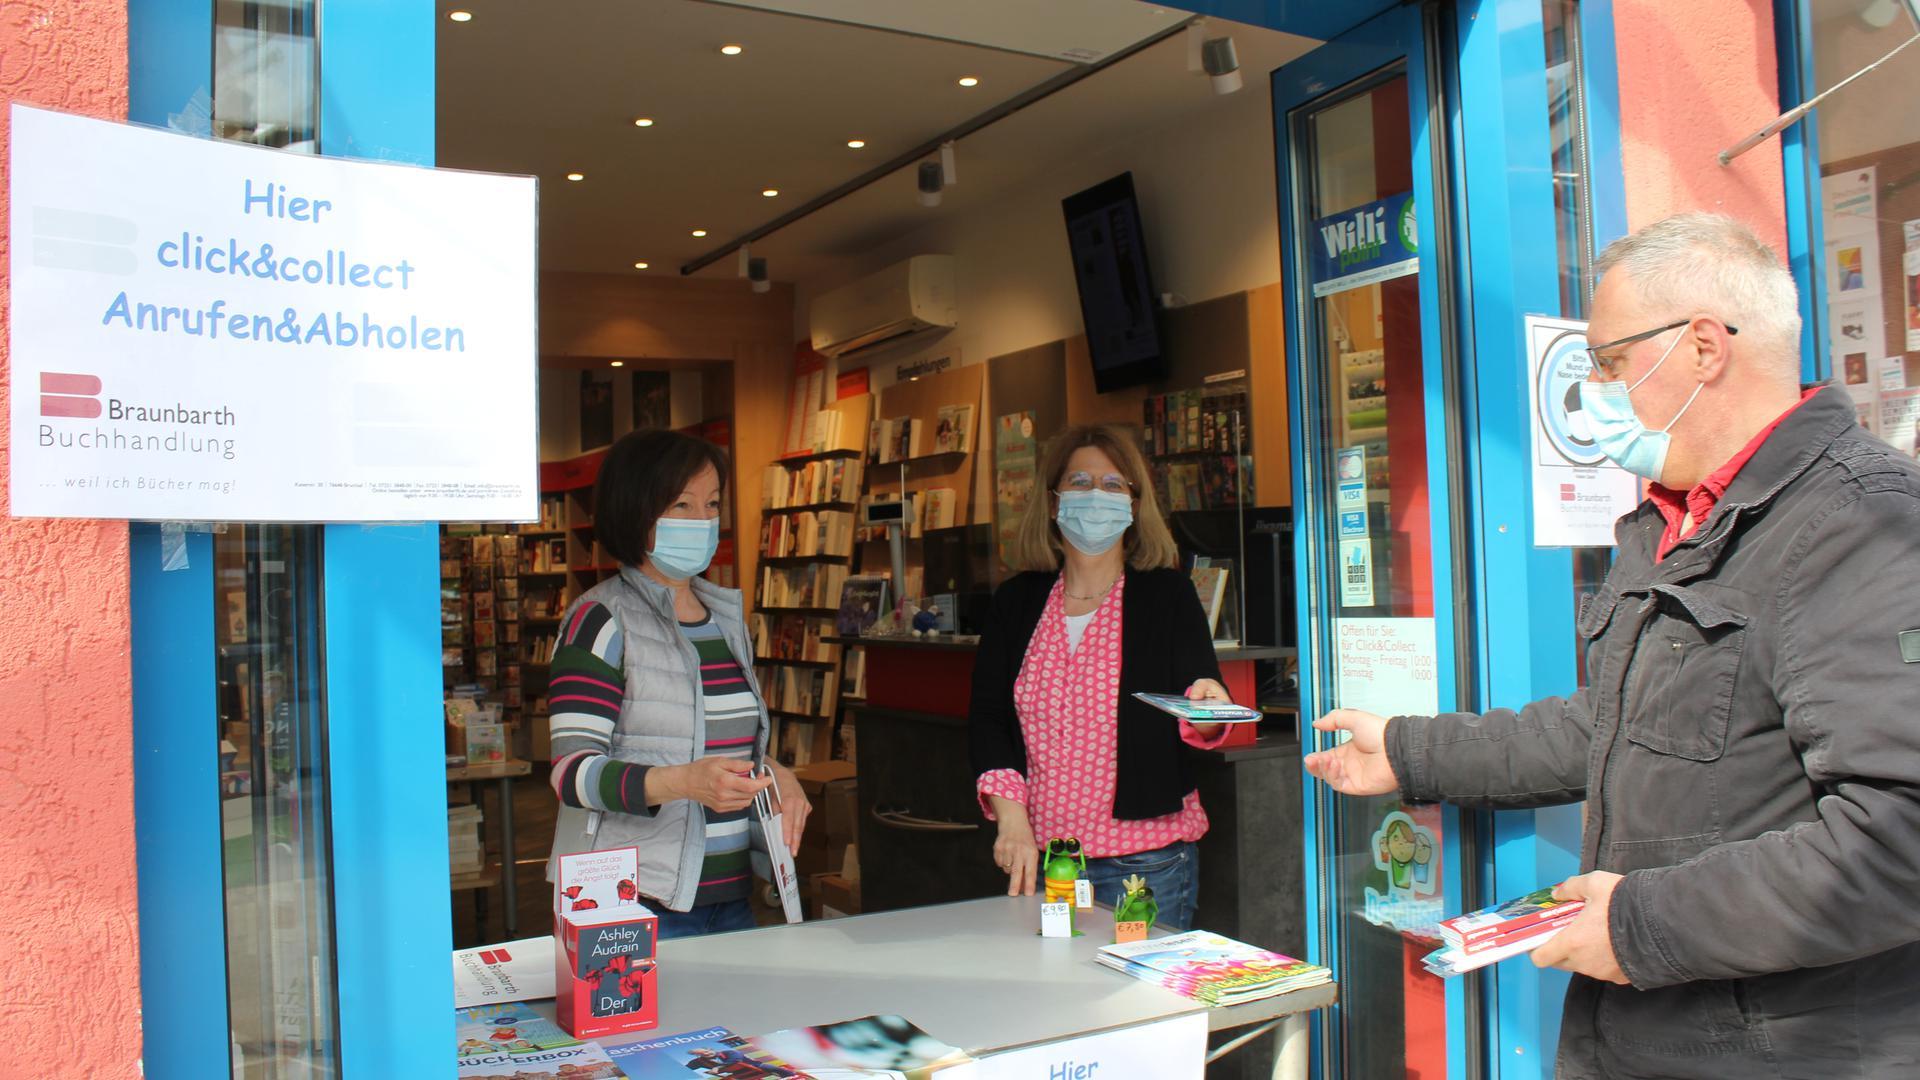 Kommt die Notbremse ab Montag? Das fragen sich Heike Braunbarth, Inhaberin der Buchhandlung in der Bruchsaler Kaiserstraße und ihre Mitarbeiterin Doris Burger (links) und Kunde Ulrich Blickensdörfer.